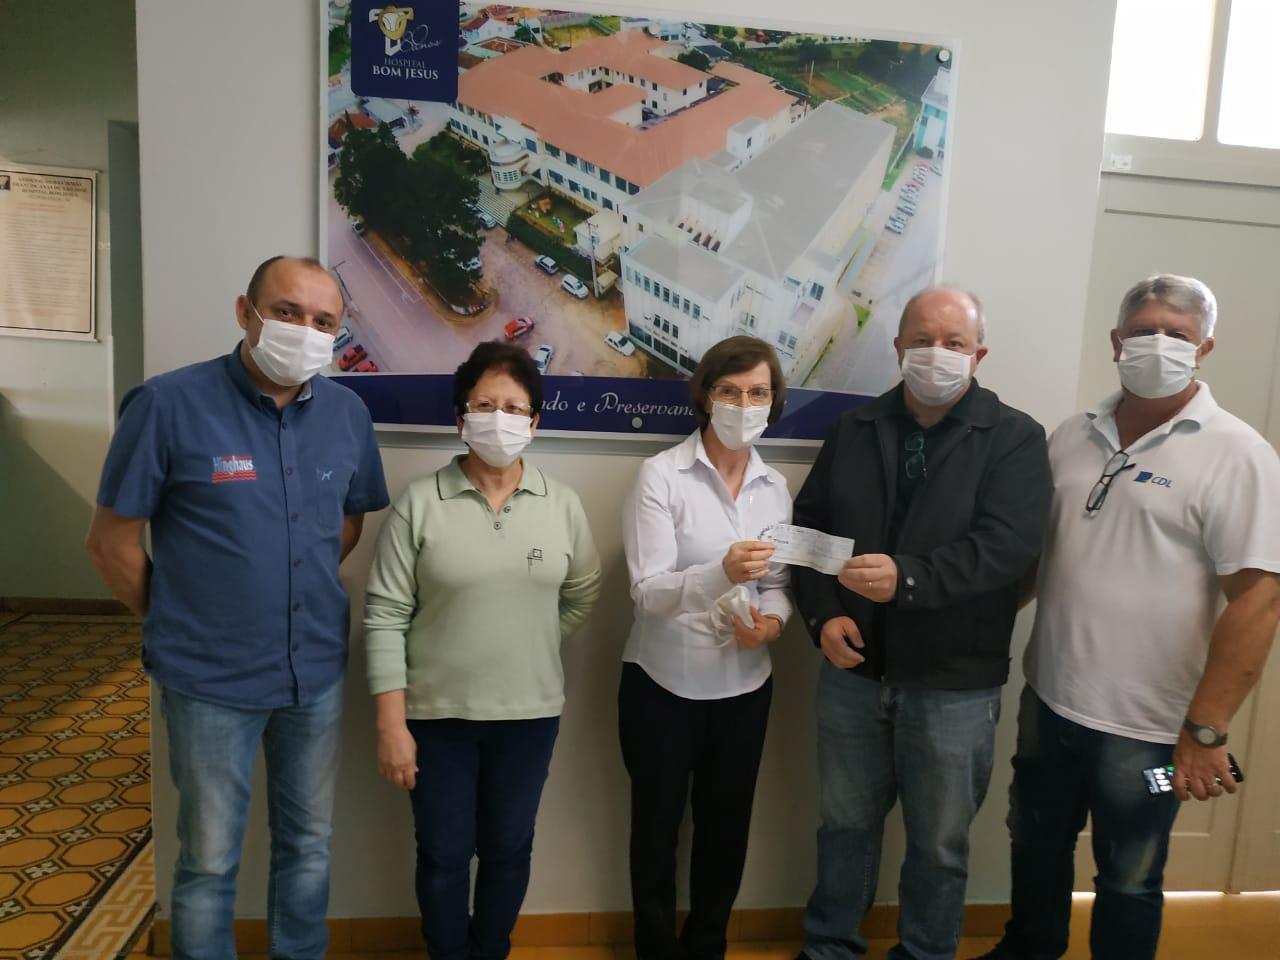 CDL de Ituporanga faz doação de R$ 9 mil para o Hospital Bom Jesus